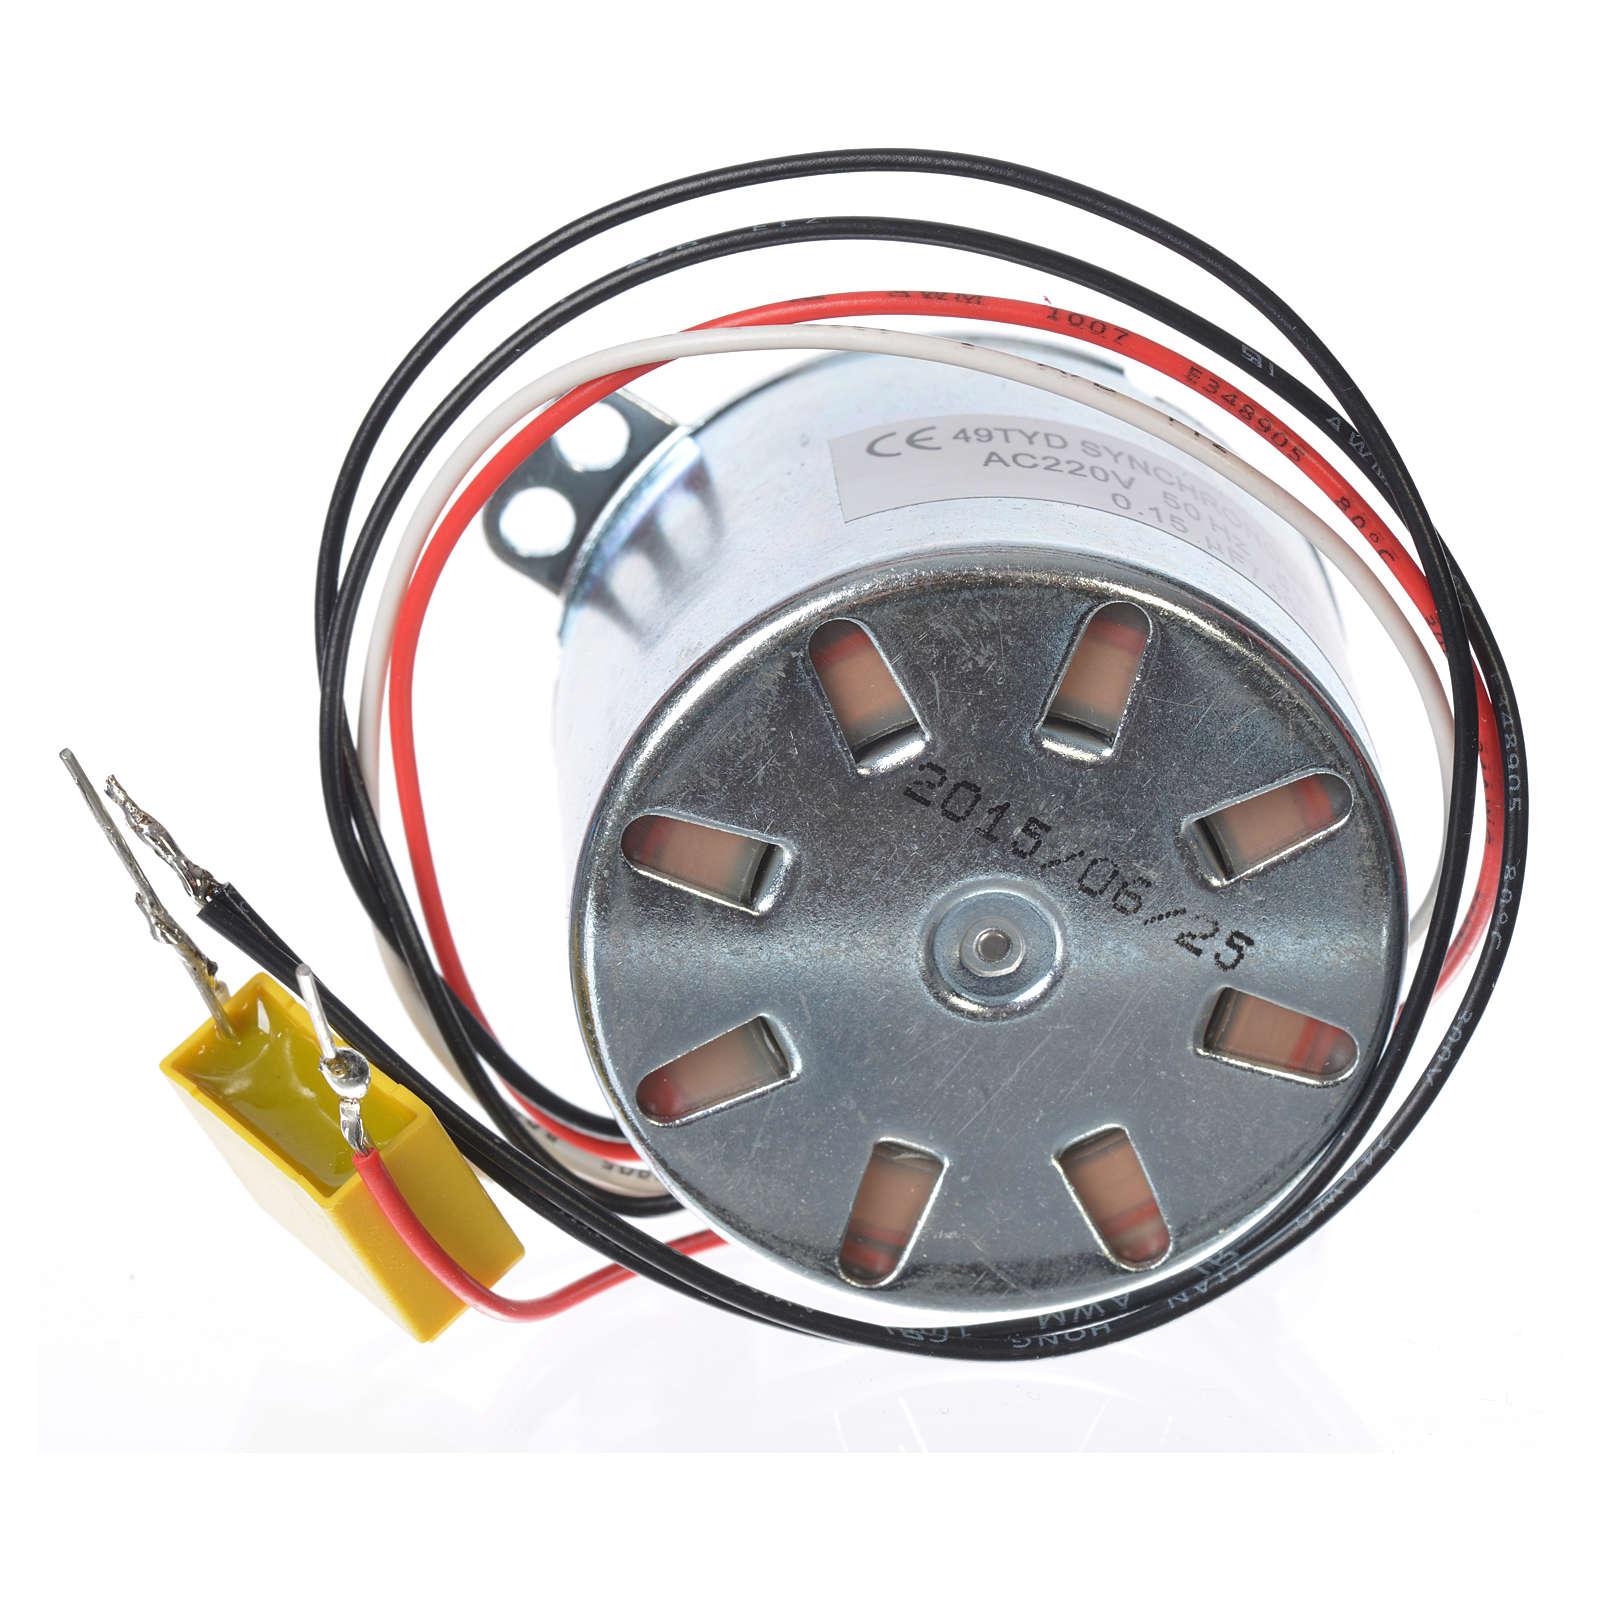 Motoriduttore MV 2,5 giri/min presepe 4